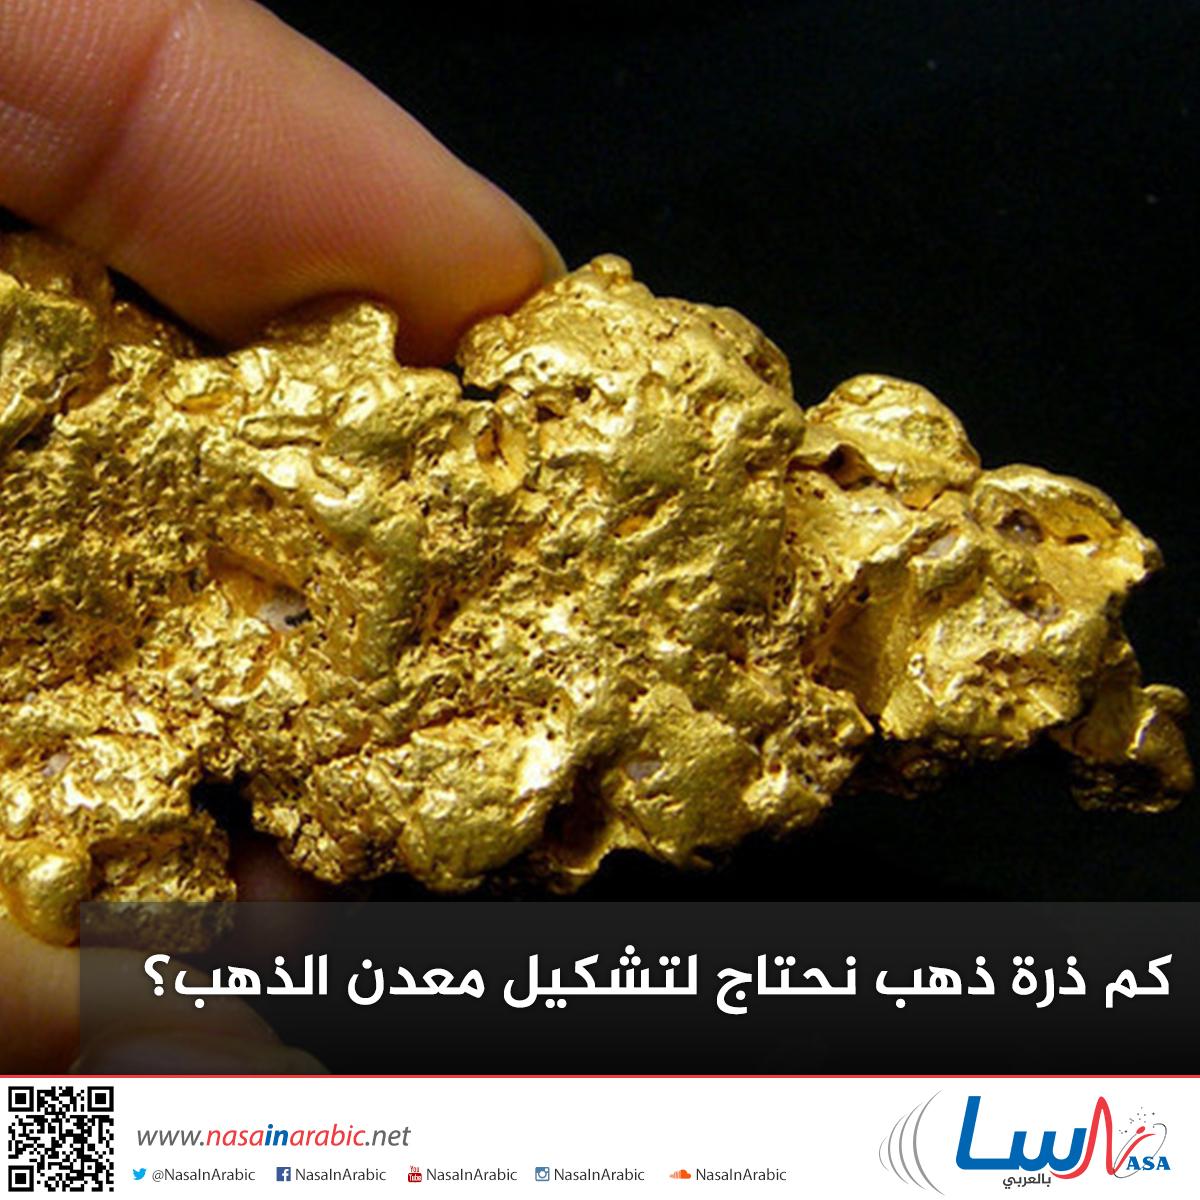 كم ذرة ذهب نحتاج لتشكيل معدن الذهب؟